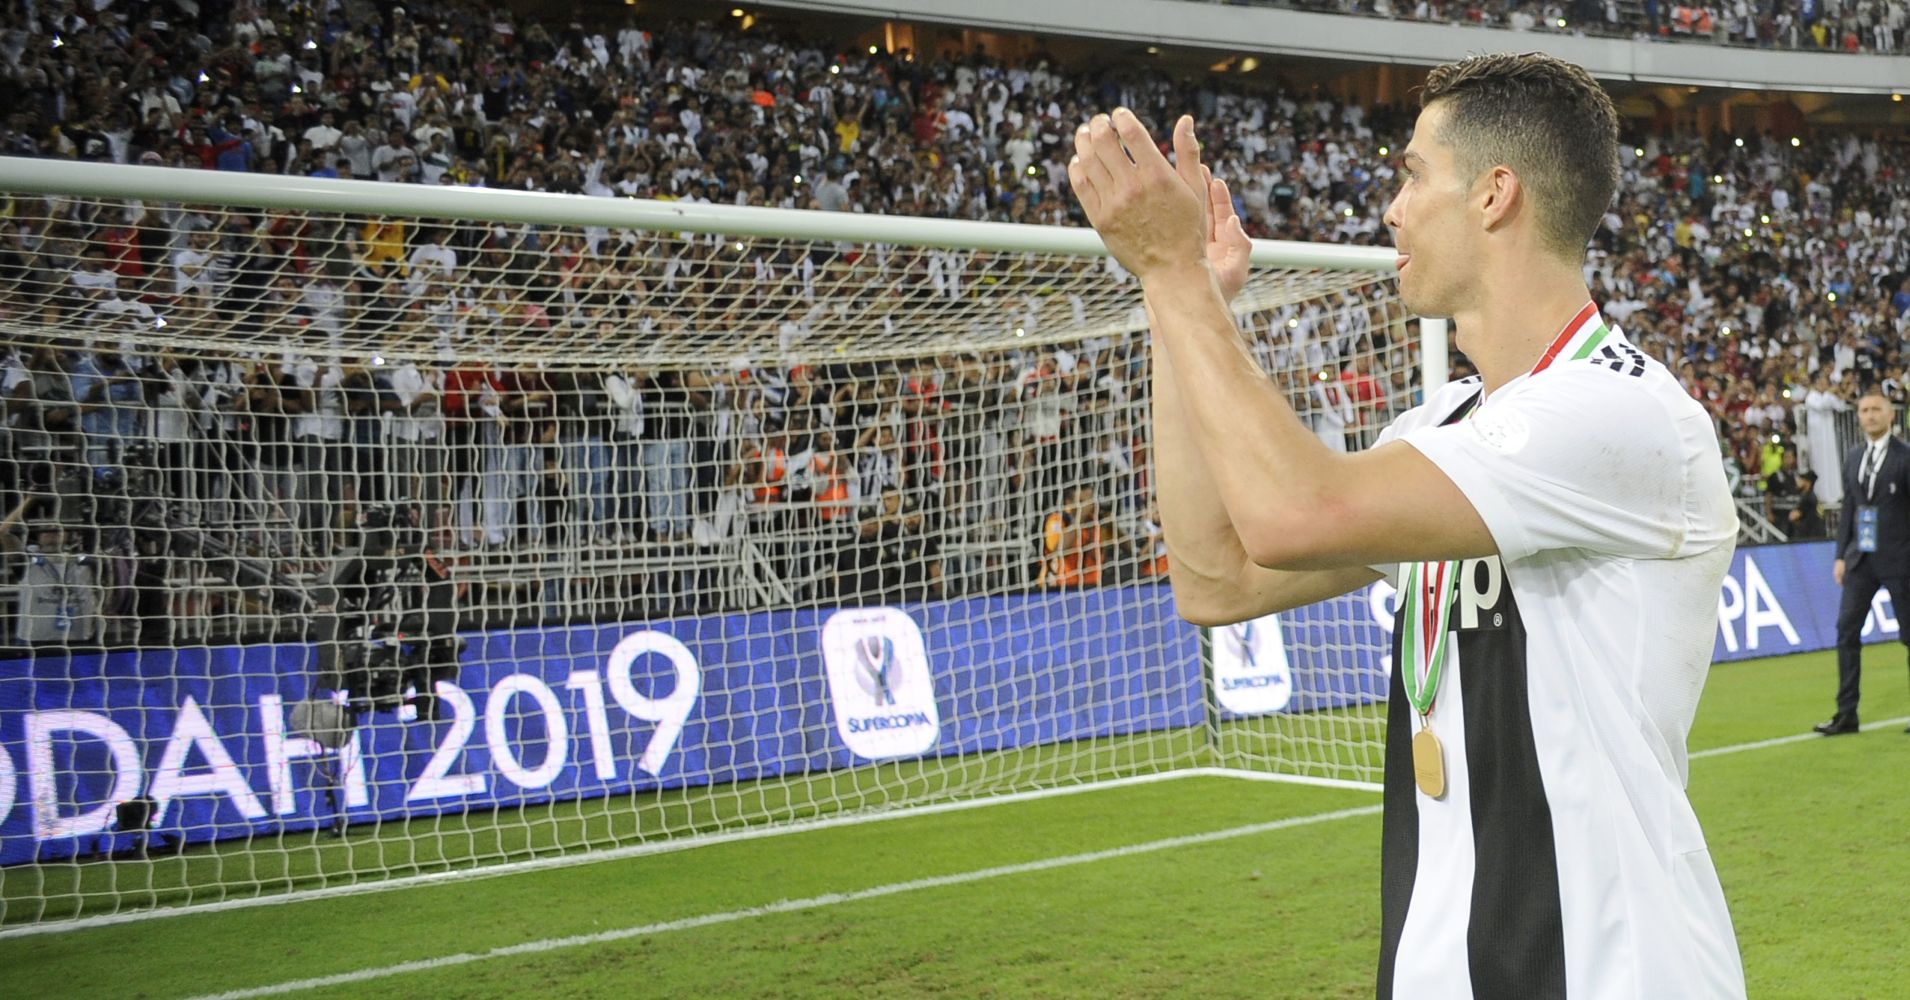 Ações da Juventus disparam após hat-trick de Cristiano Ronaldo